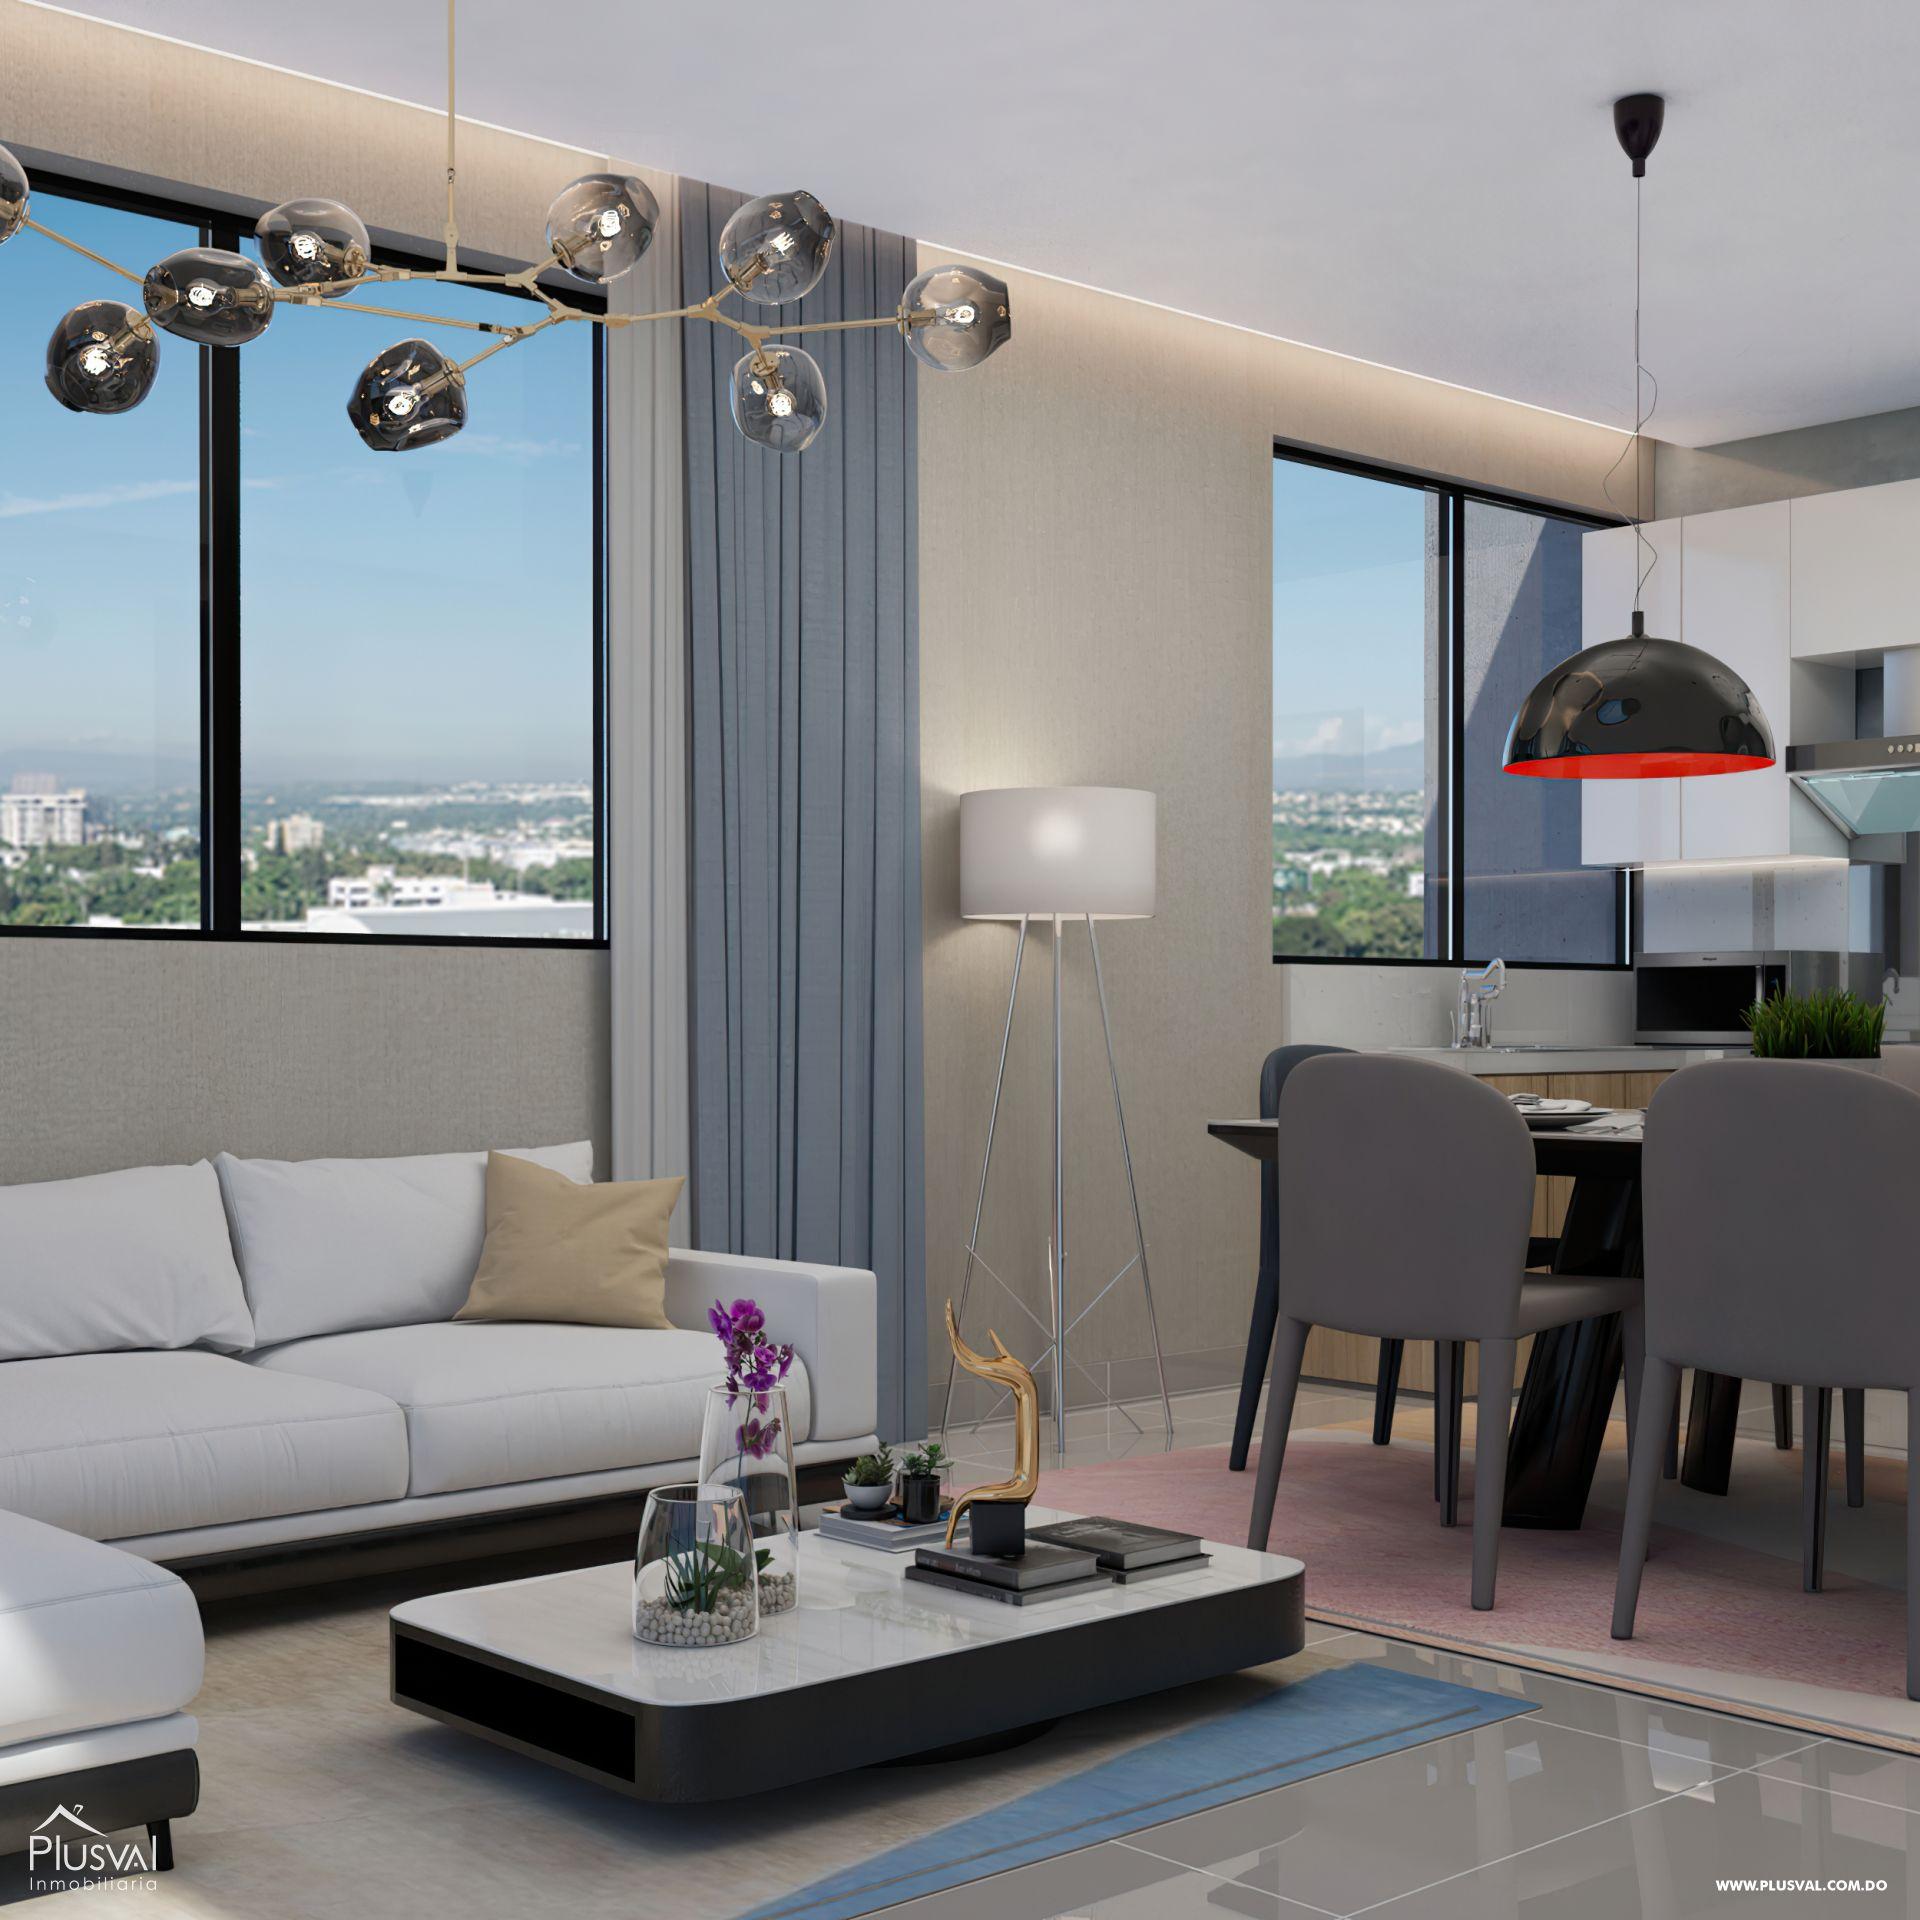 Exclusivo apartamento tipo suite en zona premium 177539